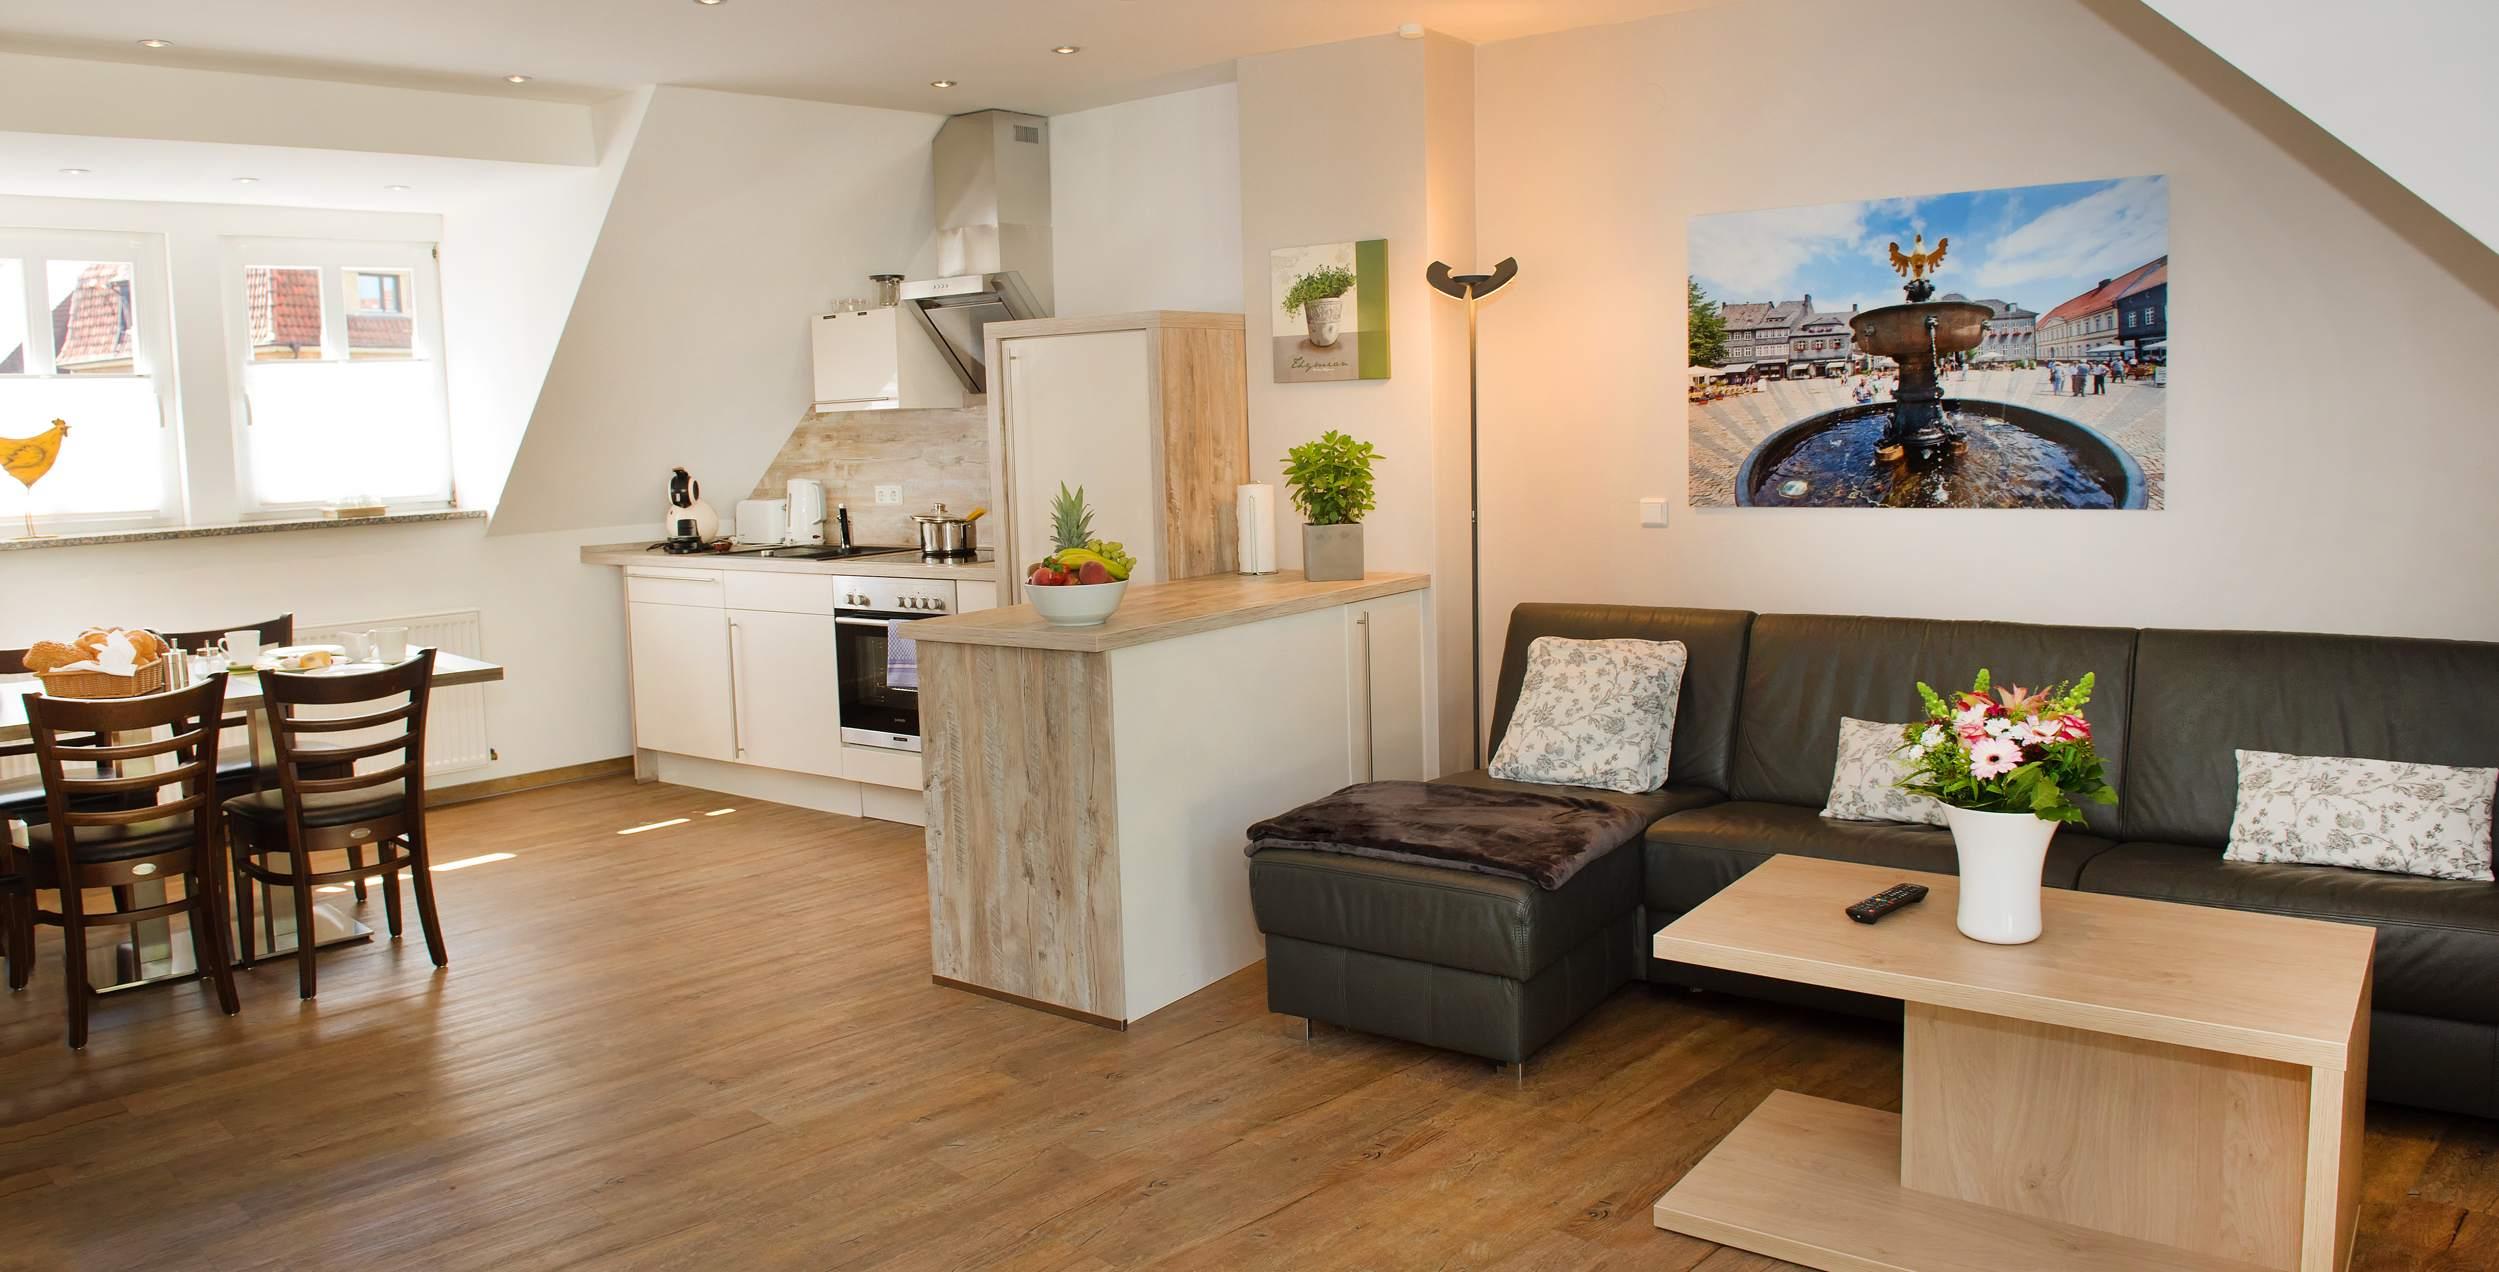 City Appartements am Wall Goslar - Wohnzimmer-Esszimmer-Küche Nordberg